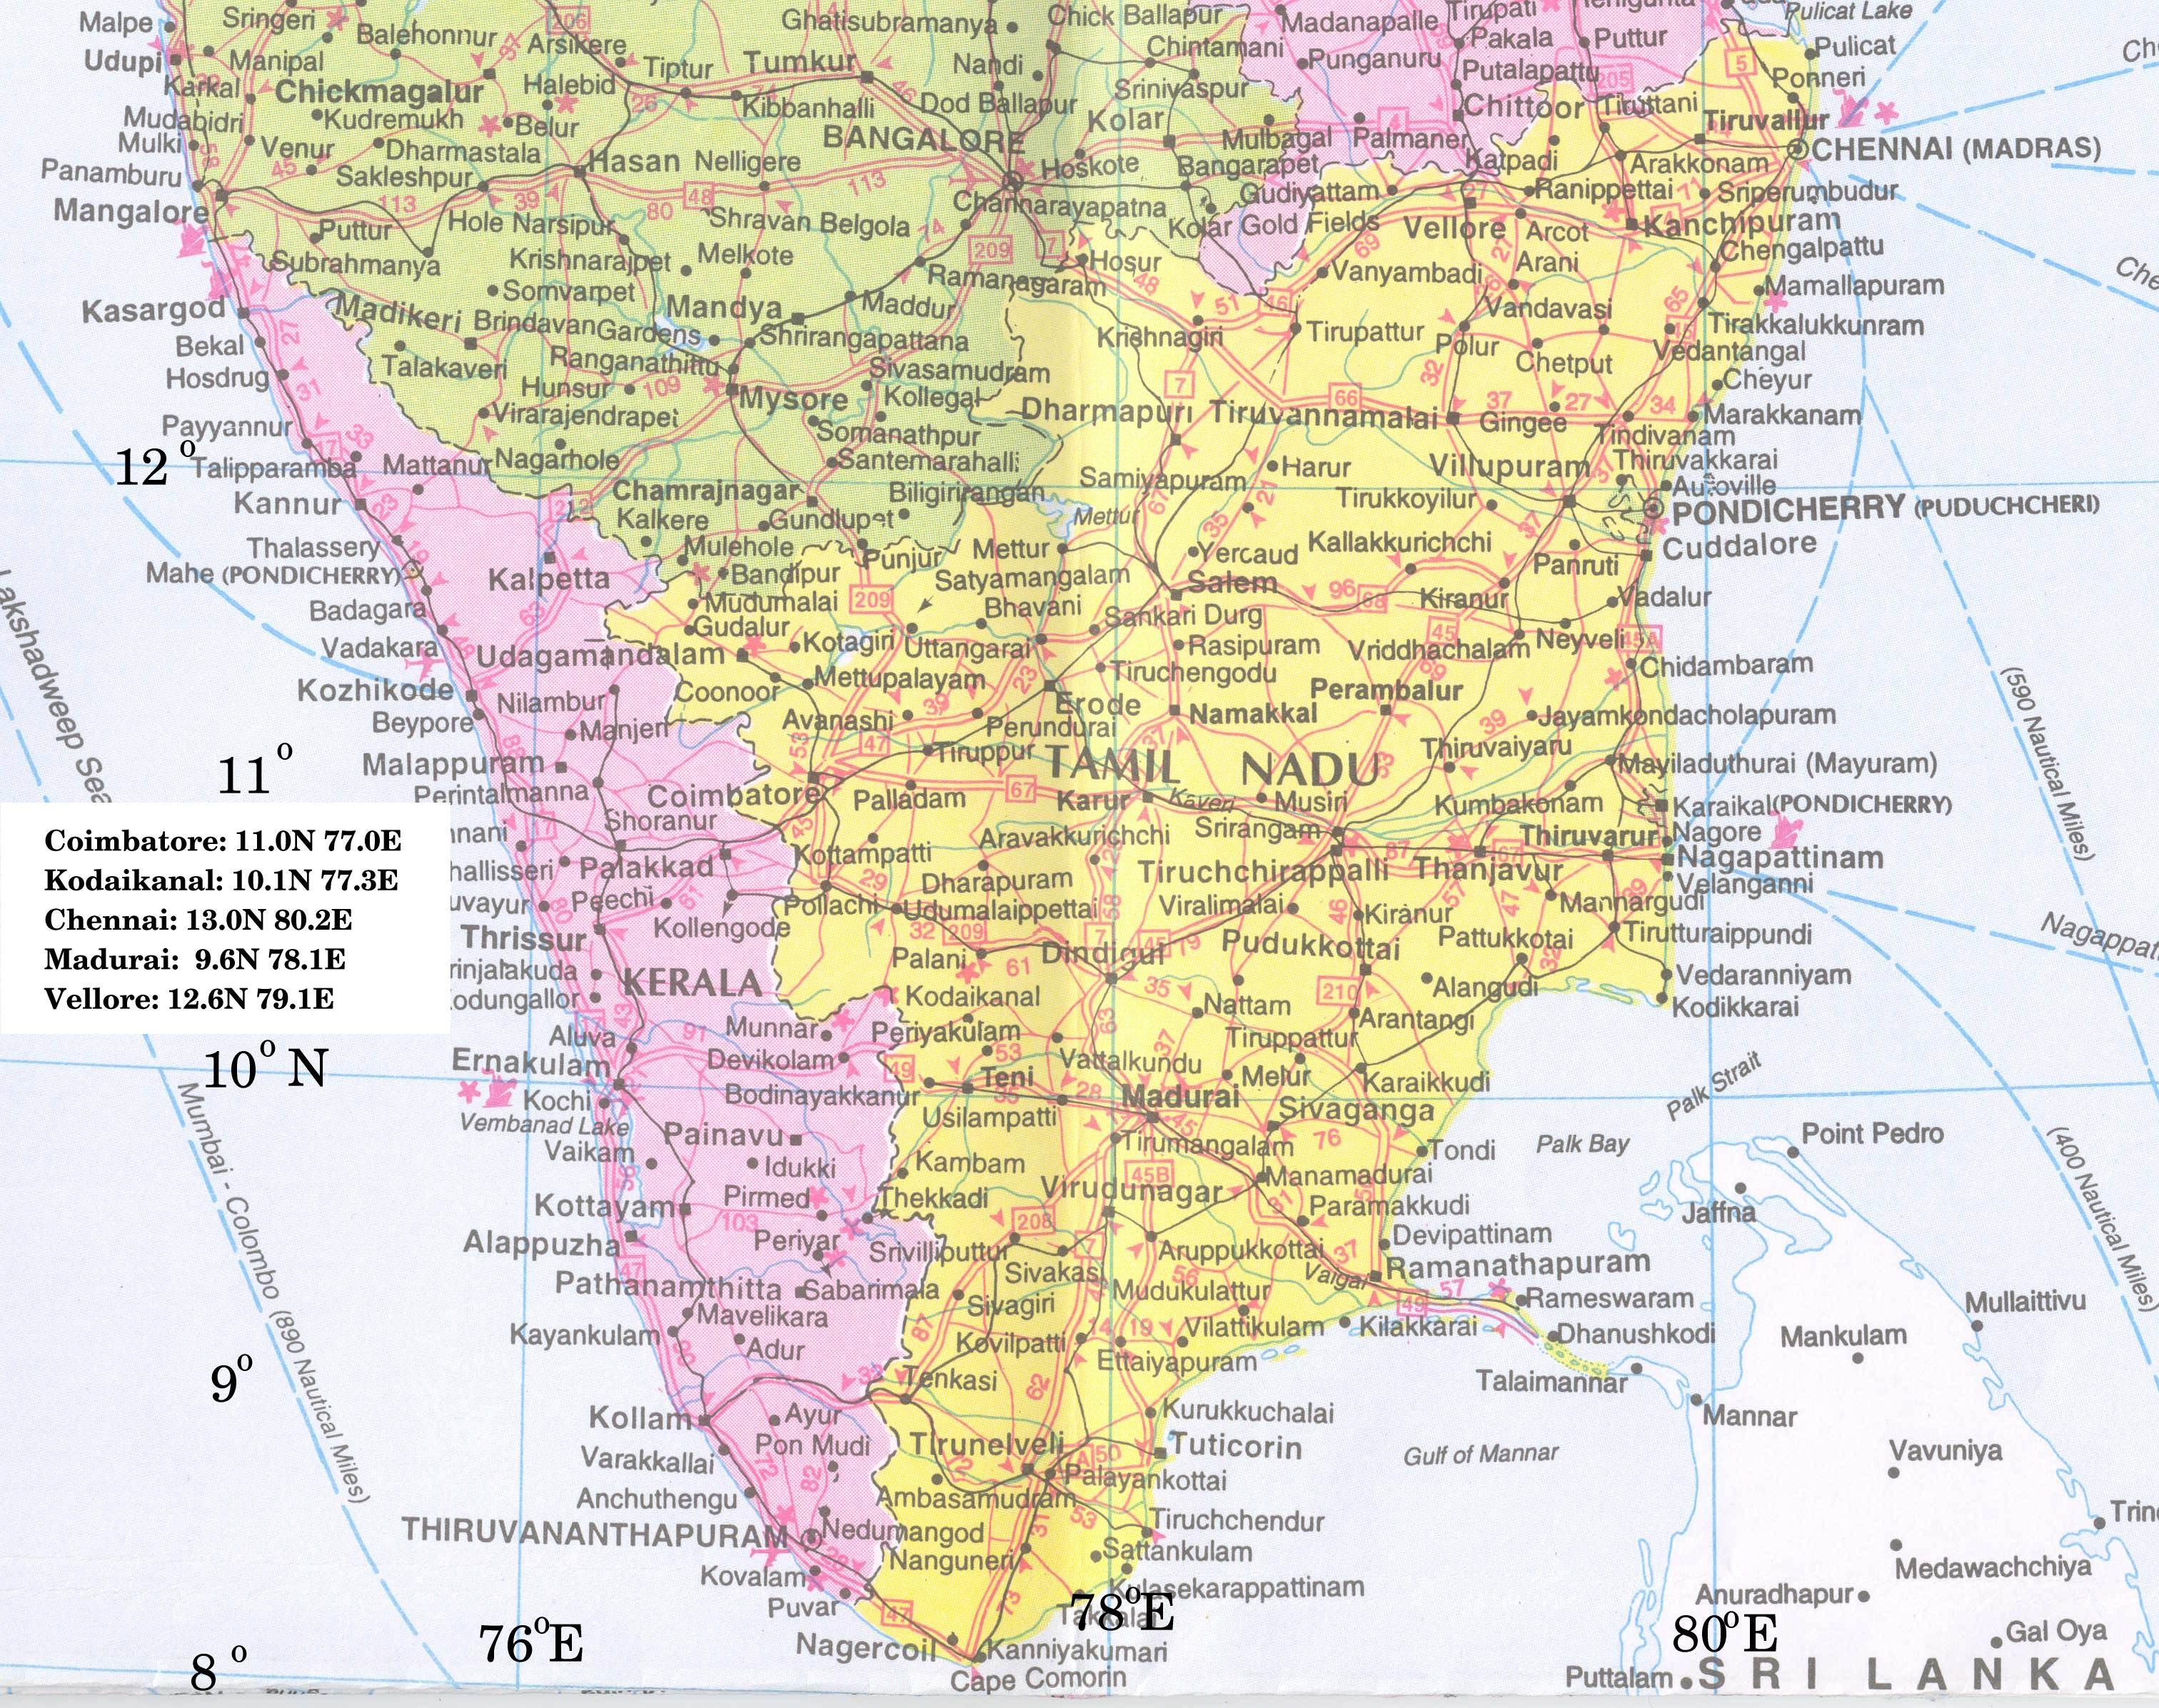 Various Maps on uttaranchal india map, khammam india map, kolkota india map, char dham india map, andaman and nicobar islands india map, karimnagar india map, pondicherry india map, jamshedpur india map, nabha india map, vellore india map, sagar india map, neemrana india map, chennai india map, kanpur india map, balasore india map, kanker india map, hyderabad india map, bikaner india map, ludhiana india map, kanchi india map,